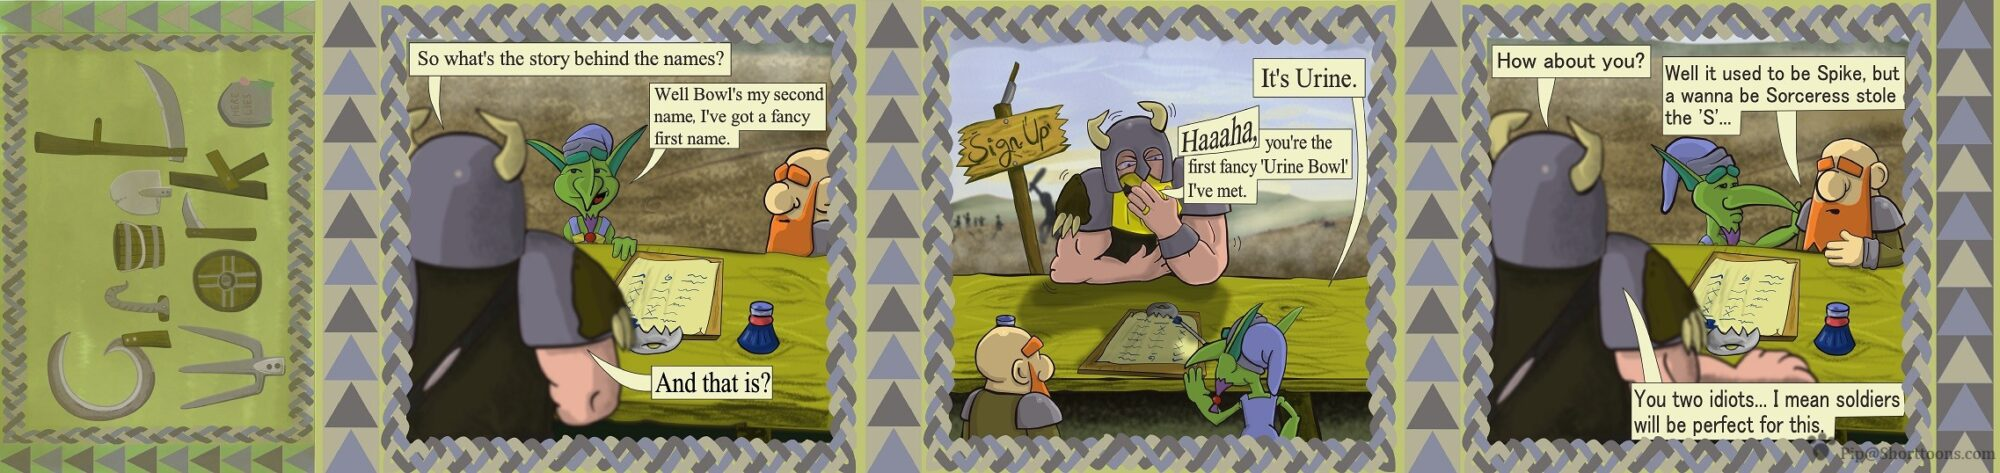 GruntWork-Comic-04